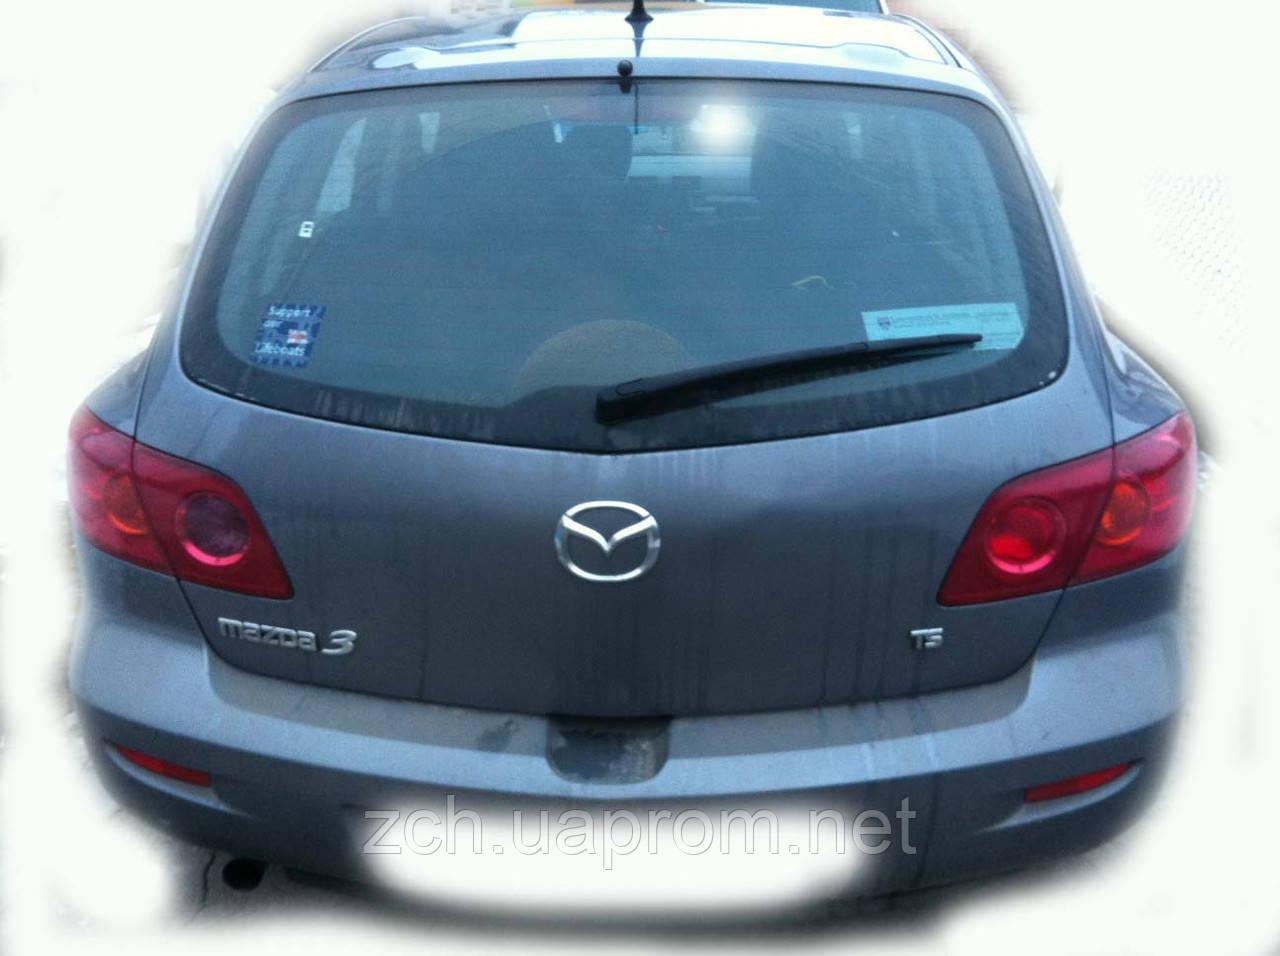 Панель задняя Mazda 3 Хэтчбек